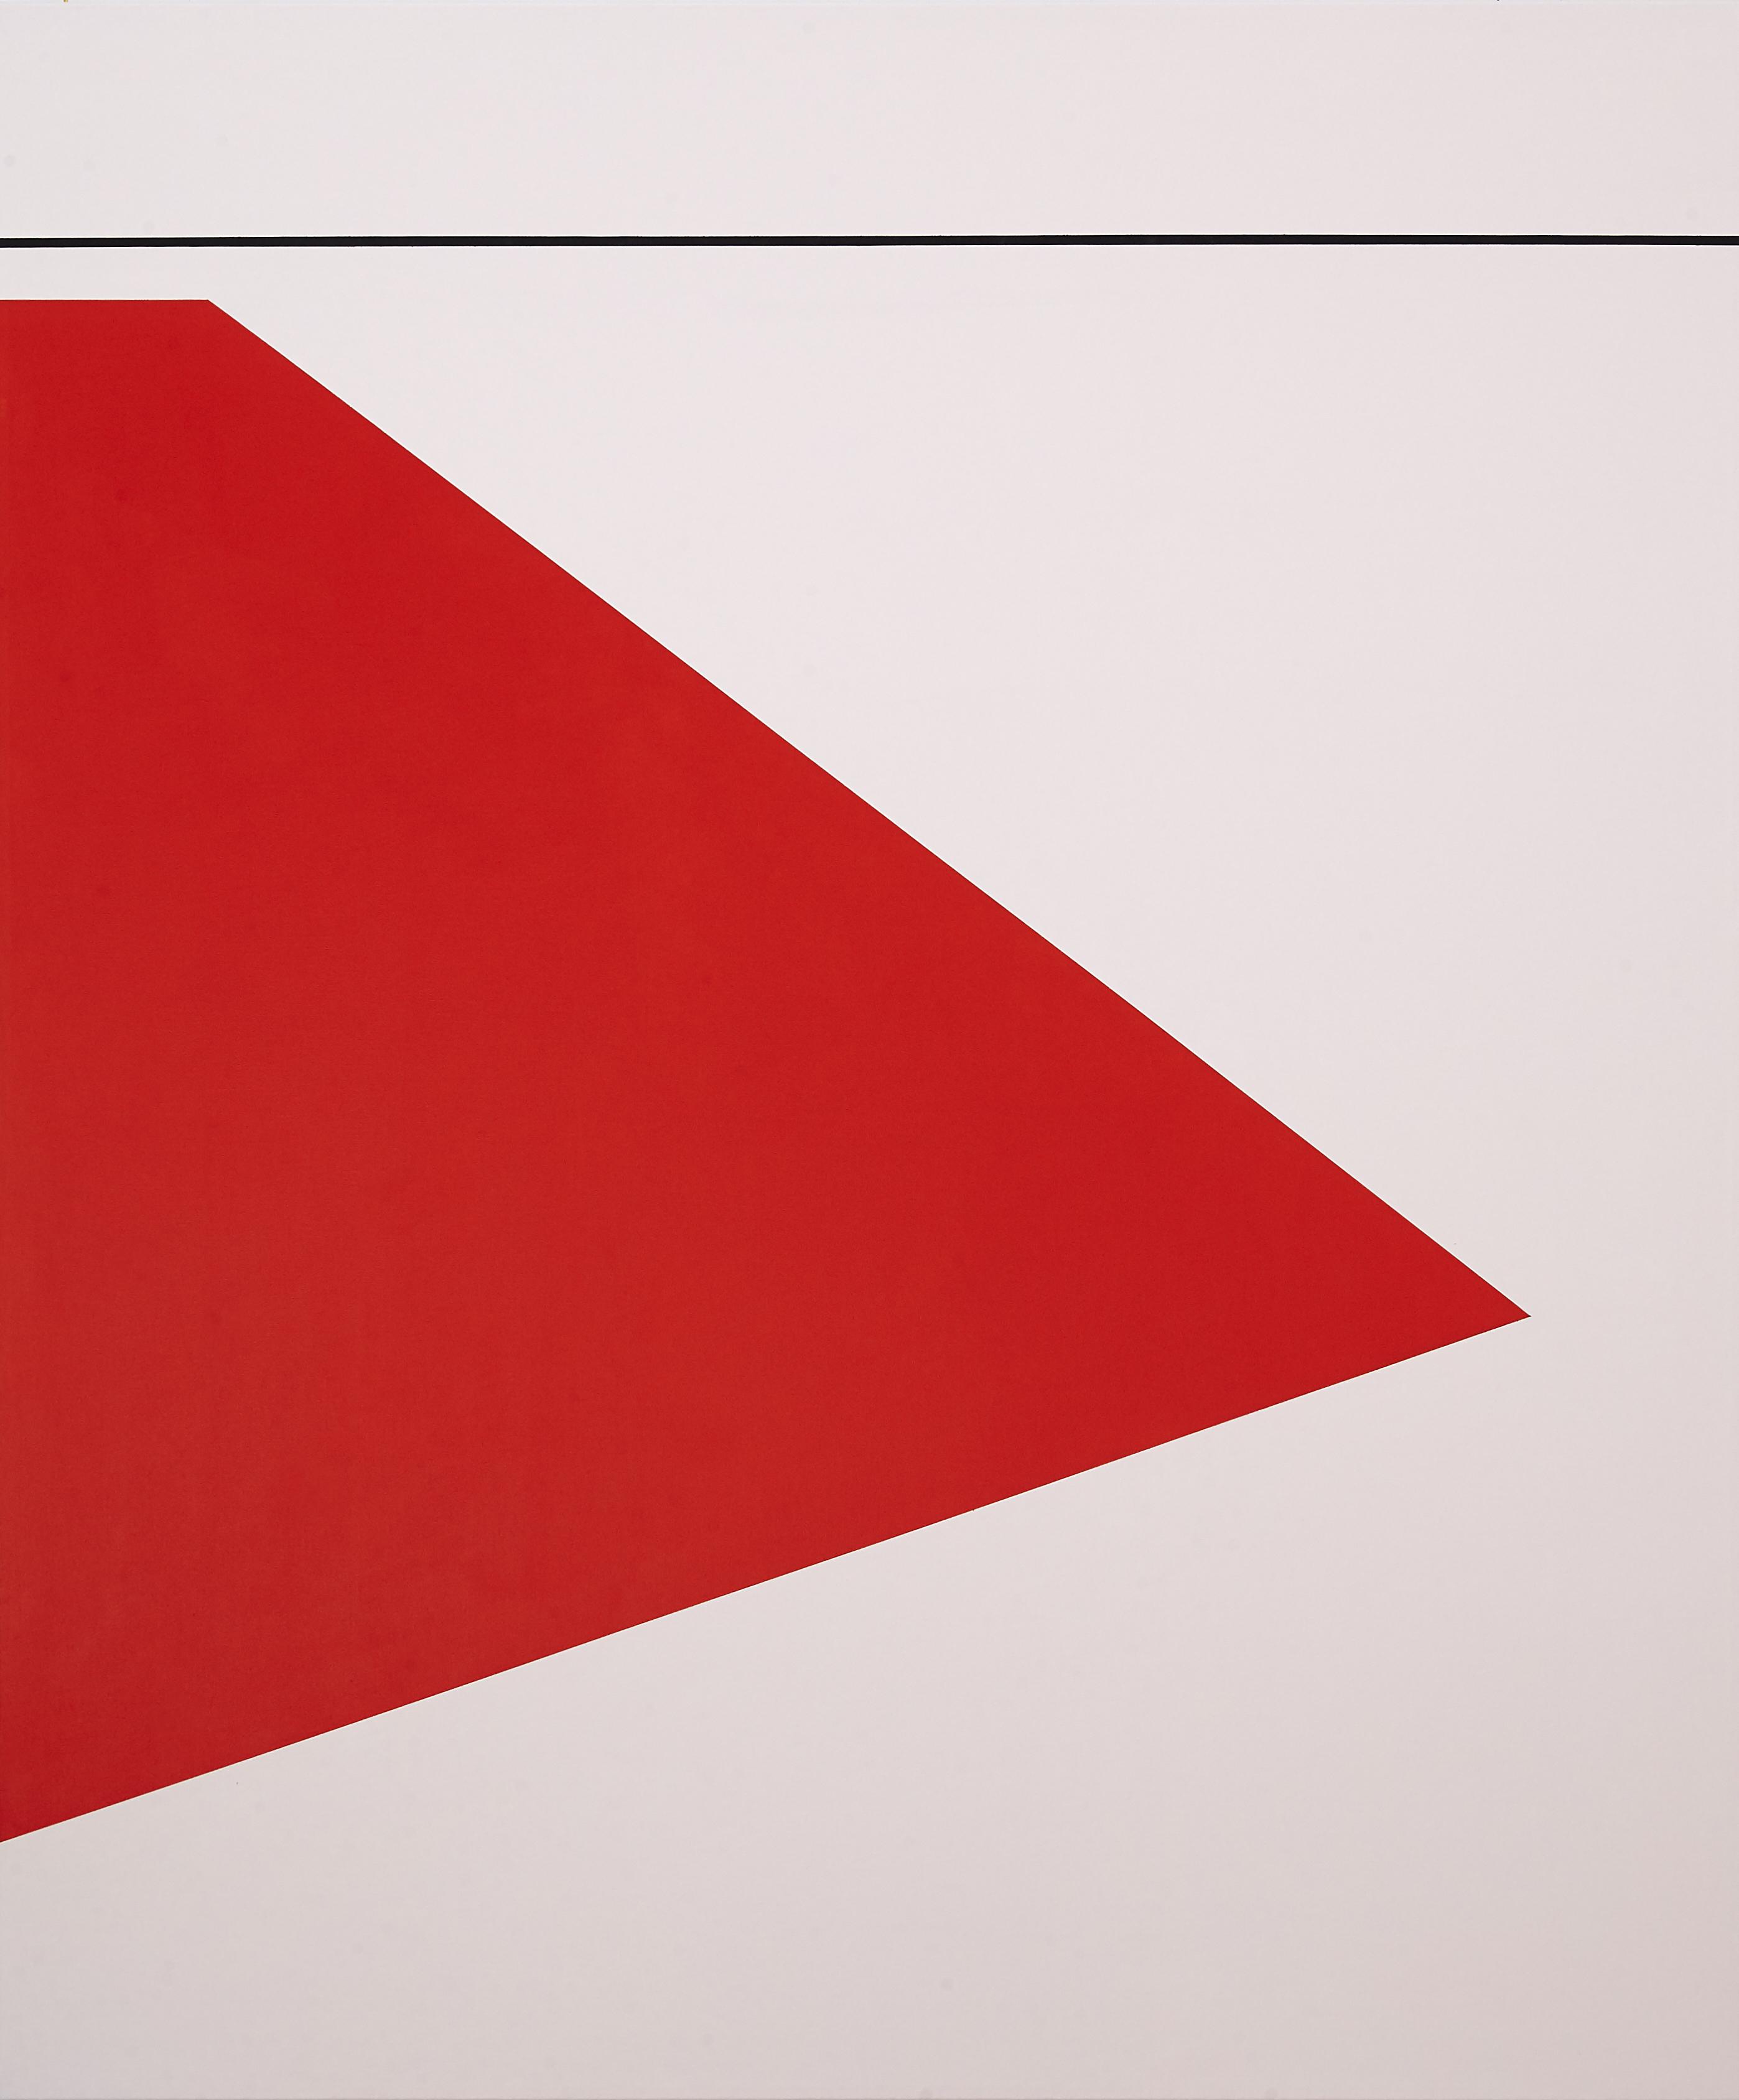 100x120cm/Akryl på lærred,  SOLGT